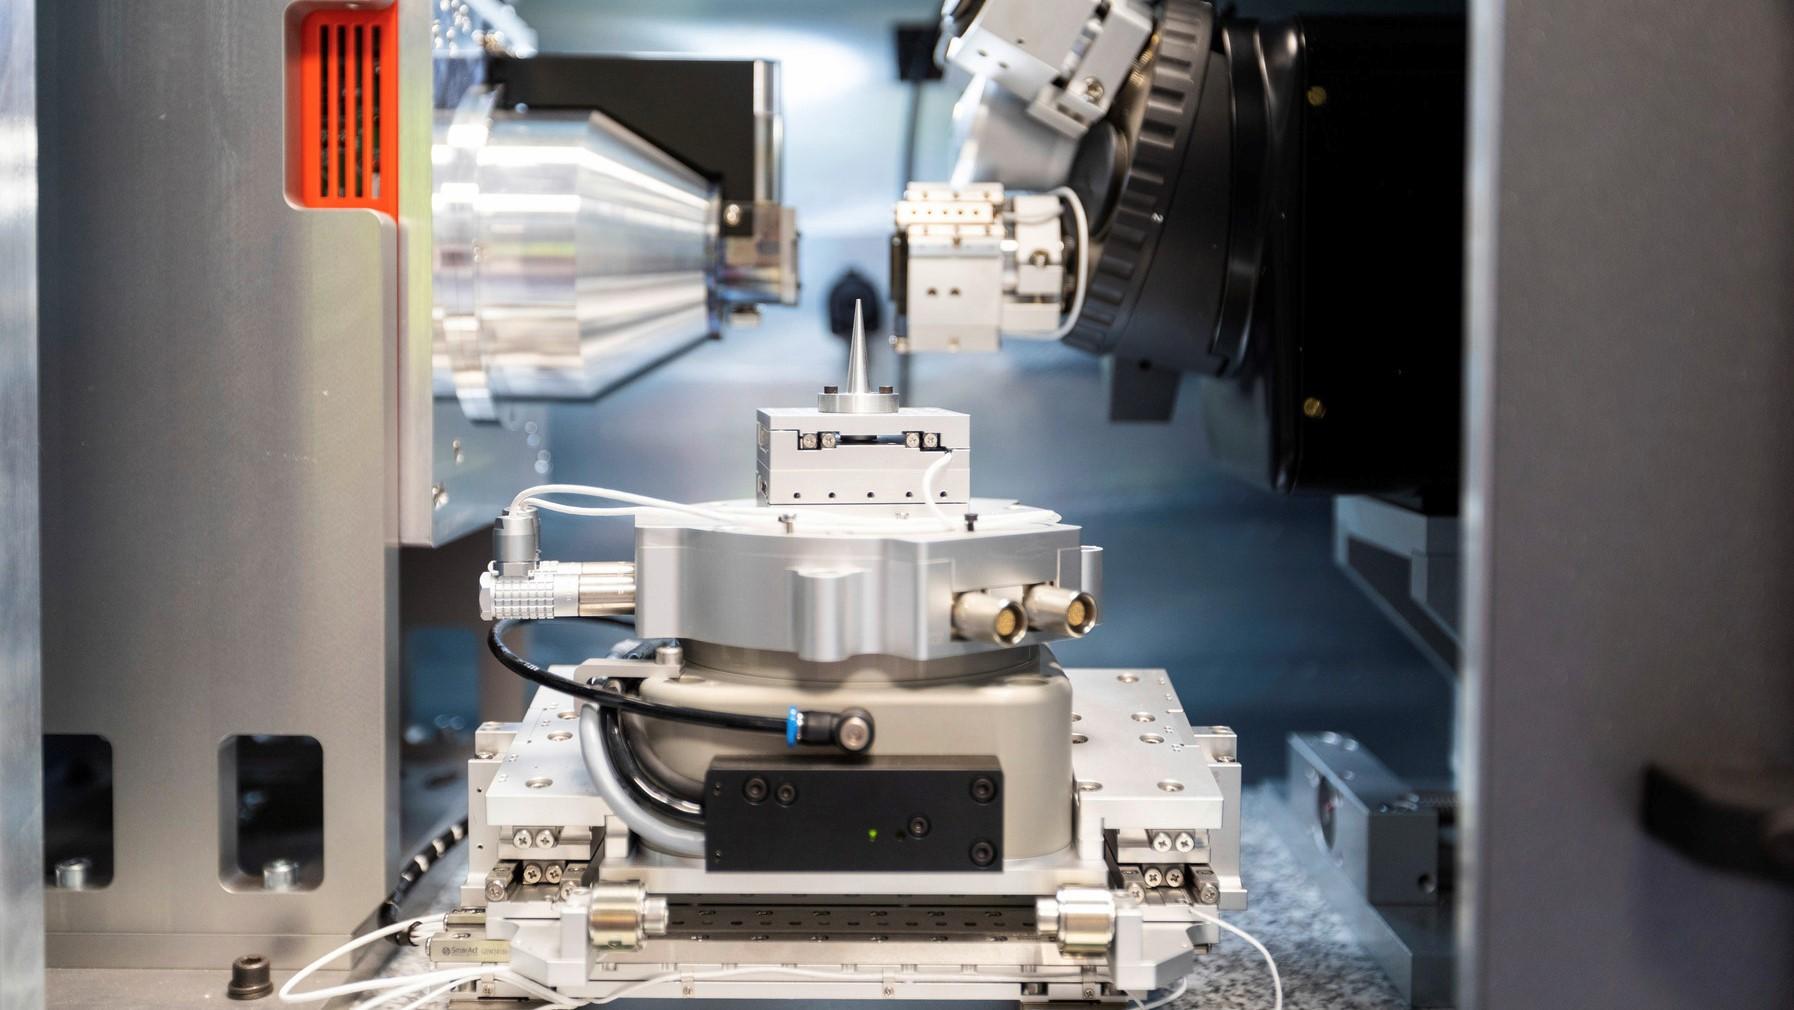 Volkswagen startet Batterie-Labor für Elektroautos